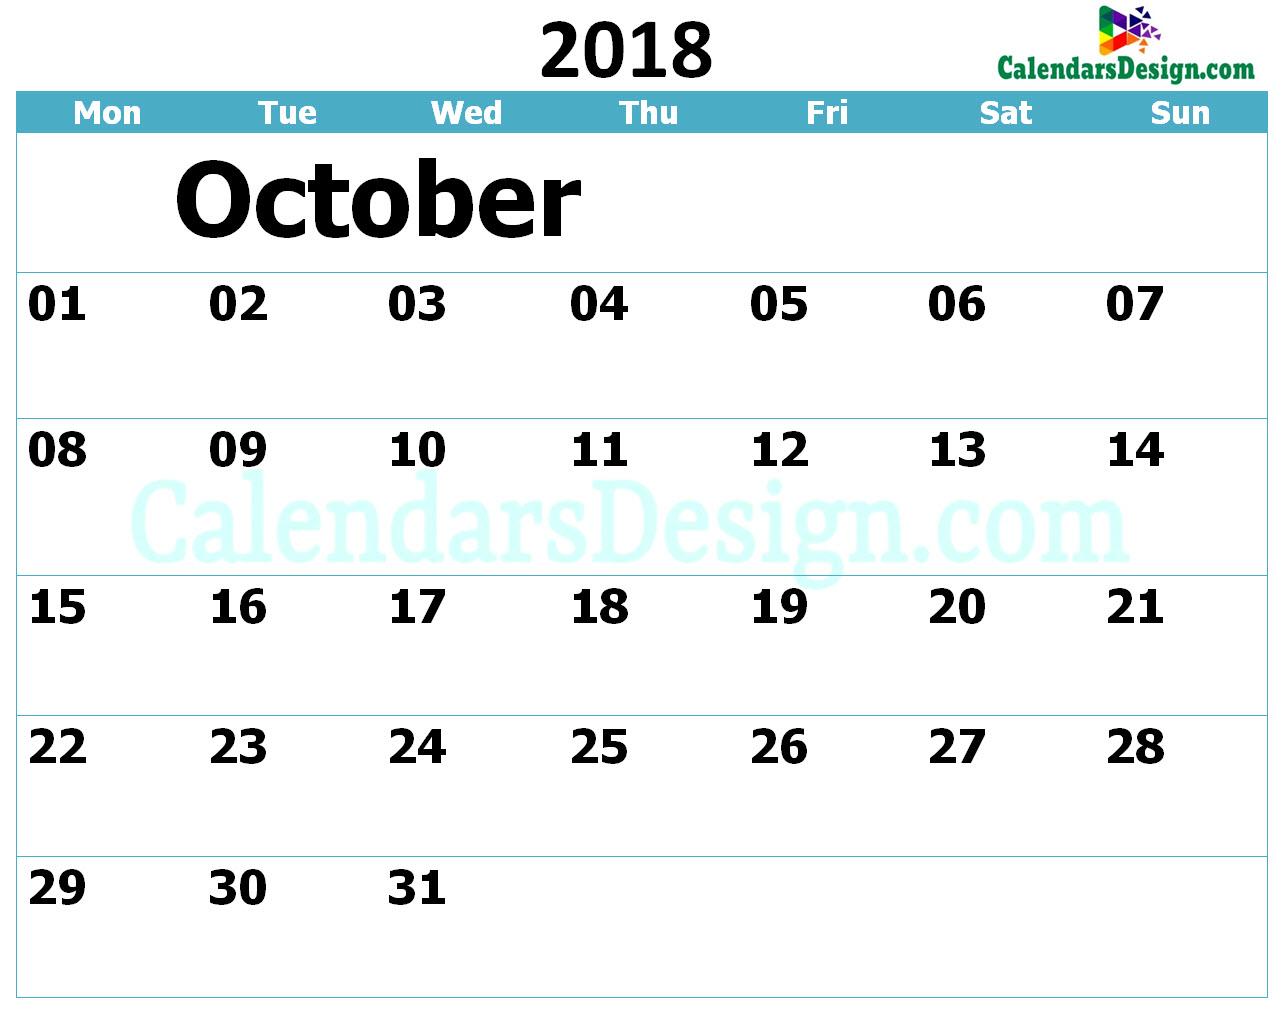 Printable Calendar for October 2018 Templates